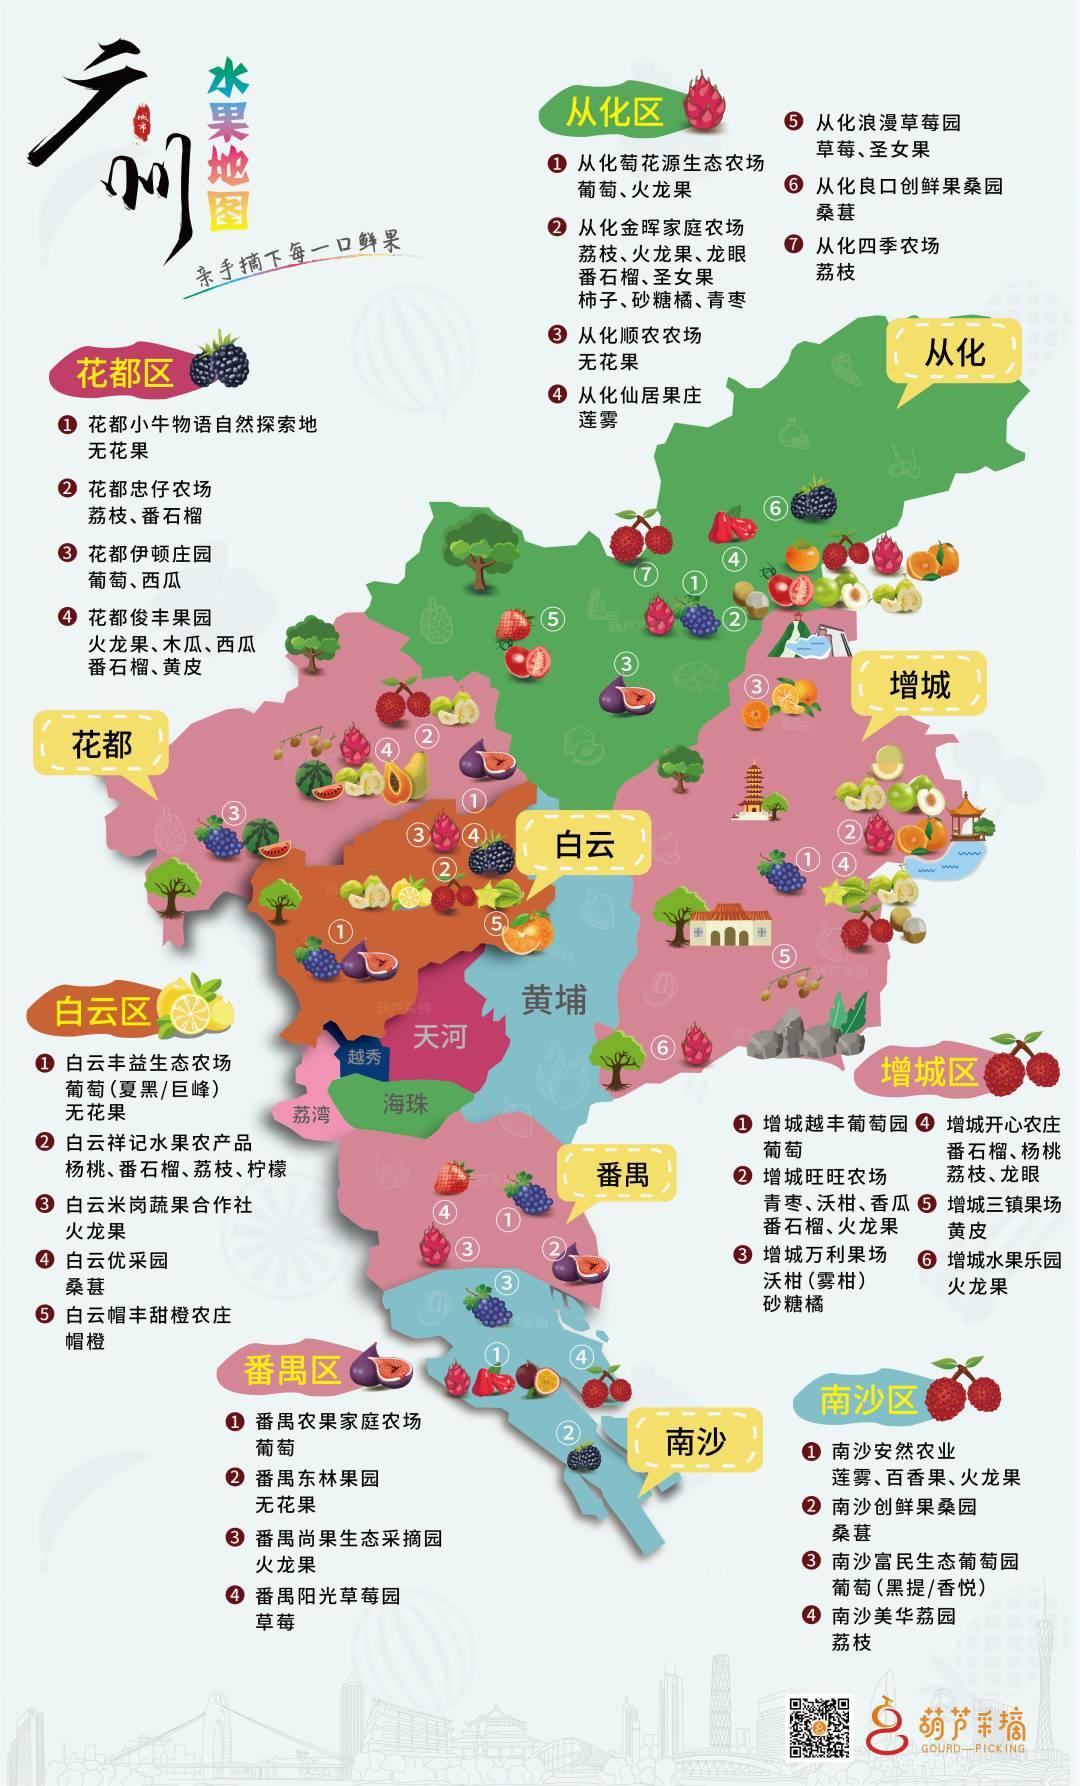 【广州】2020广州版水果护照重磅登场!299元秒杀价值1700多元的全家采摘神器!30家果园,7次任吃,免费带走26斤水果!还有亲子活动哟!